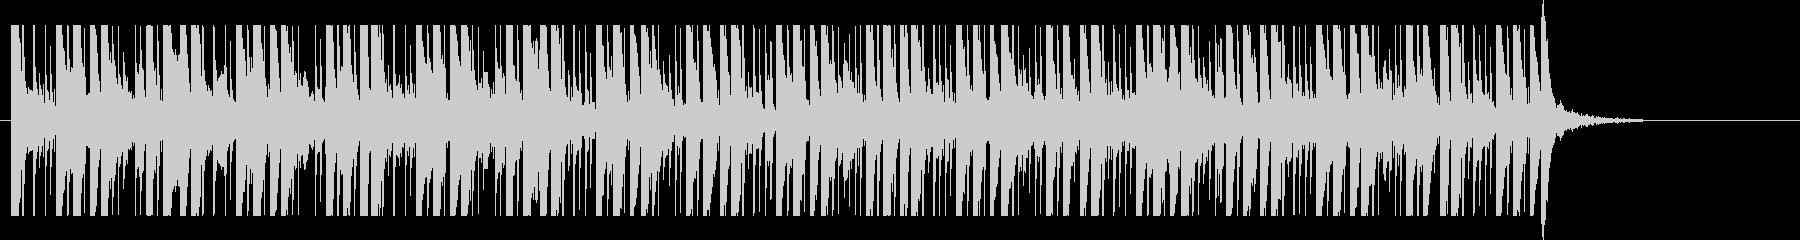 クラシック、ヒップホップ、ビート、ハッピの未再生の波形